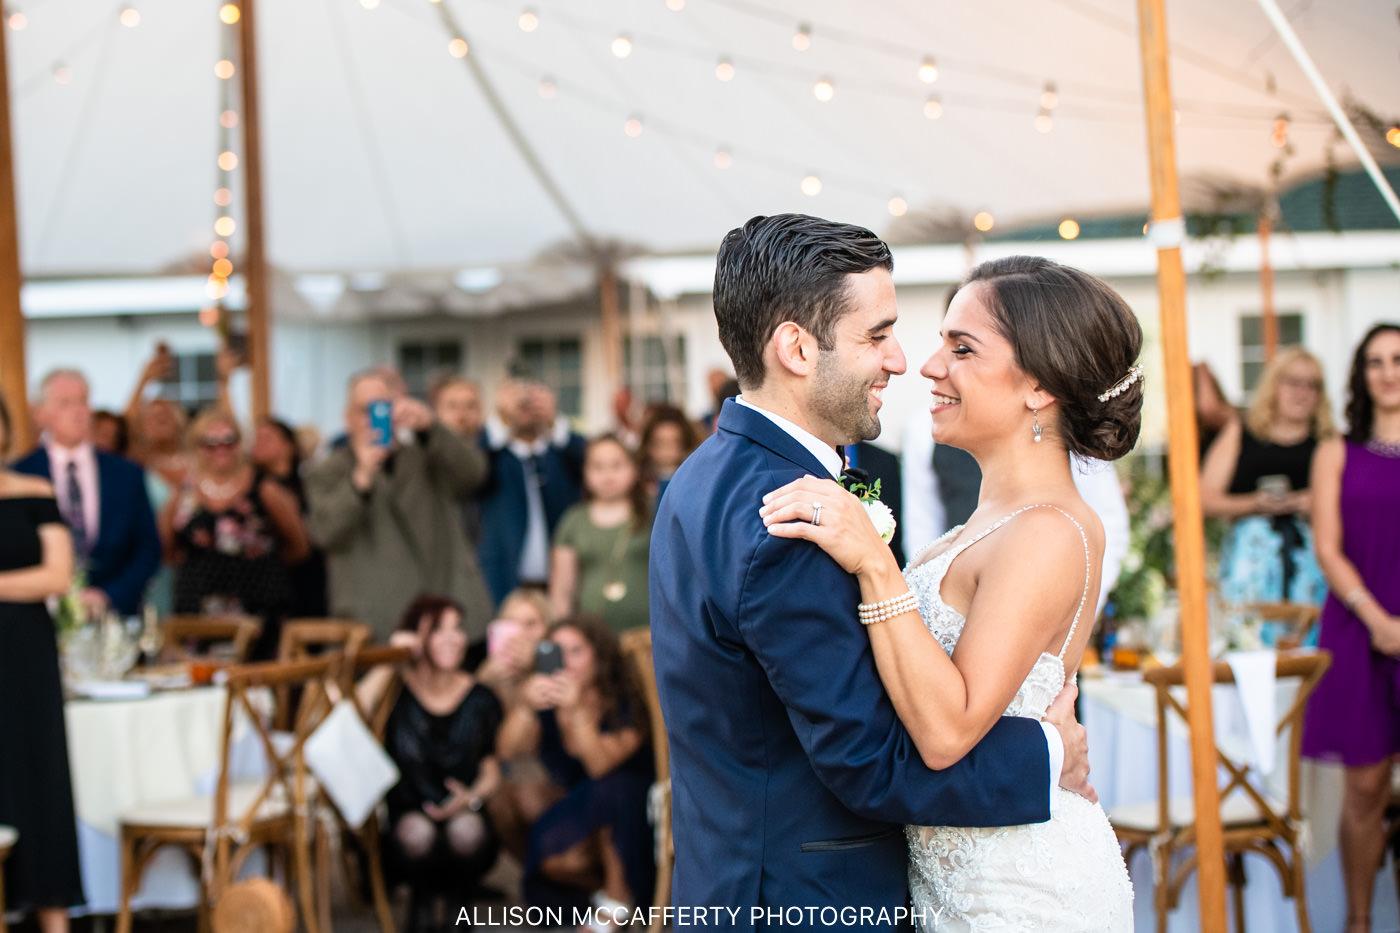 NJ Outdoor Wedding Venue List